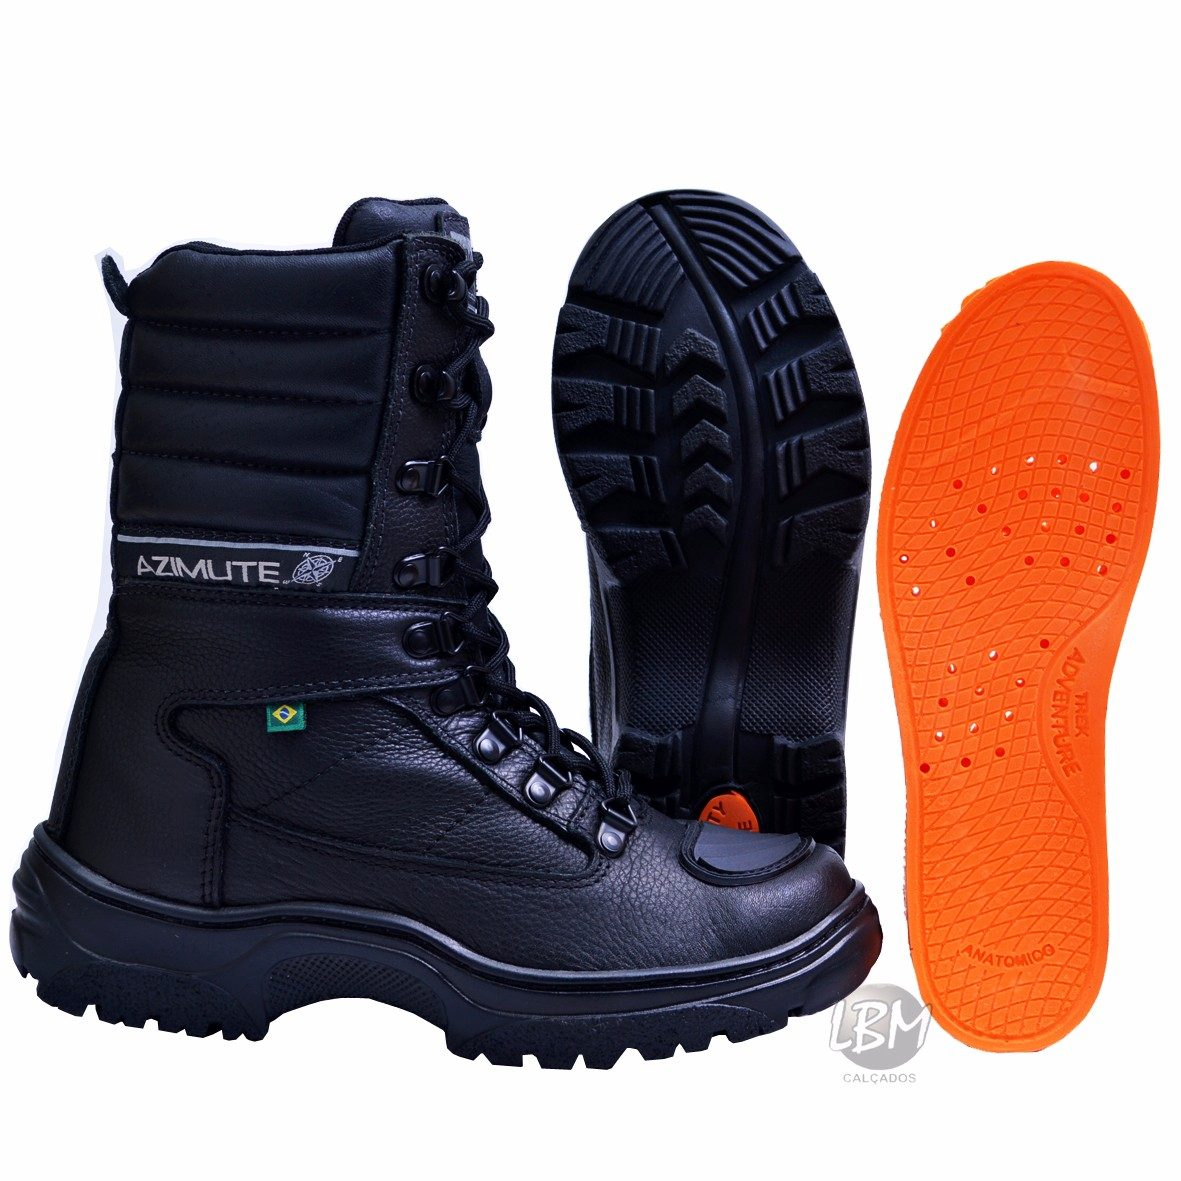 96f6204cfb bota coturno militar-motoqueiro-motociclista-tático-bope.gel. Carregando  zoom.